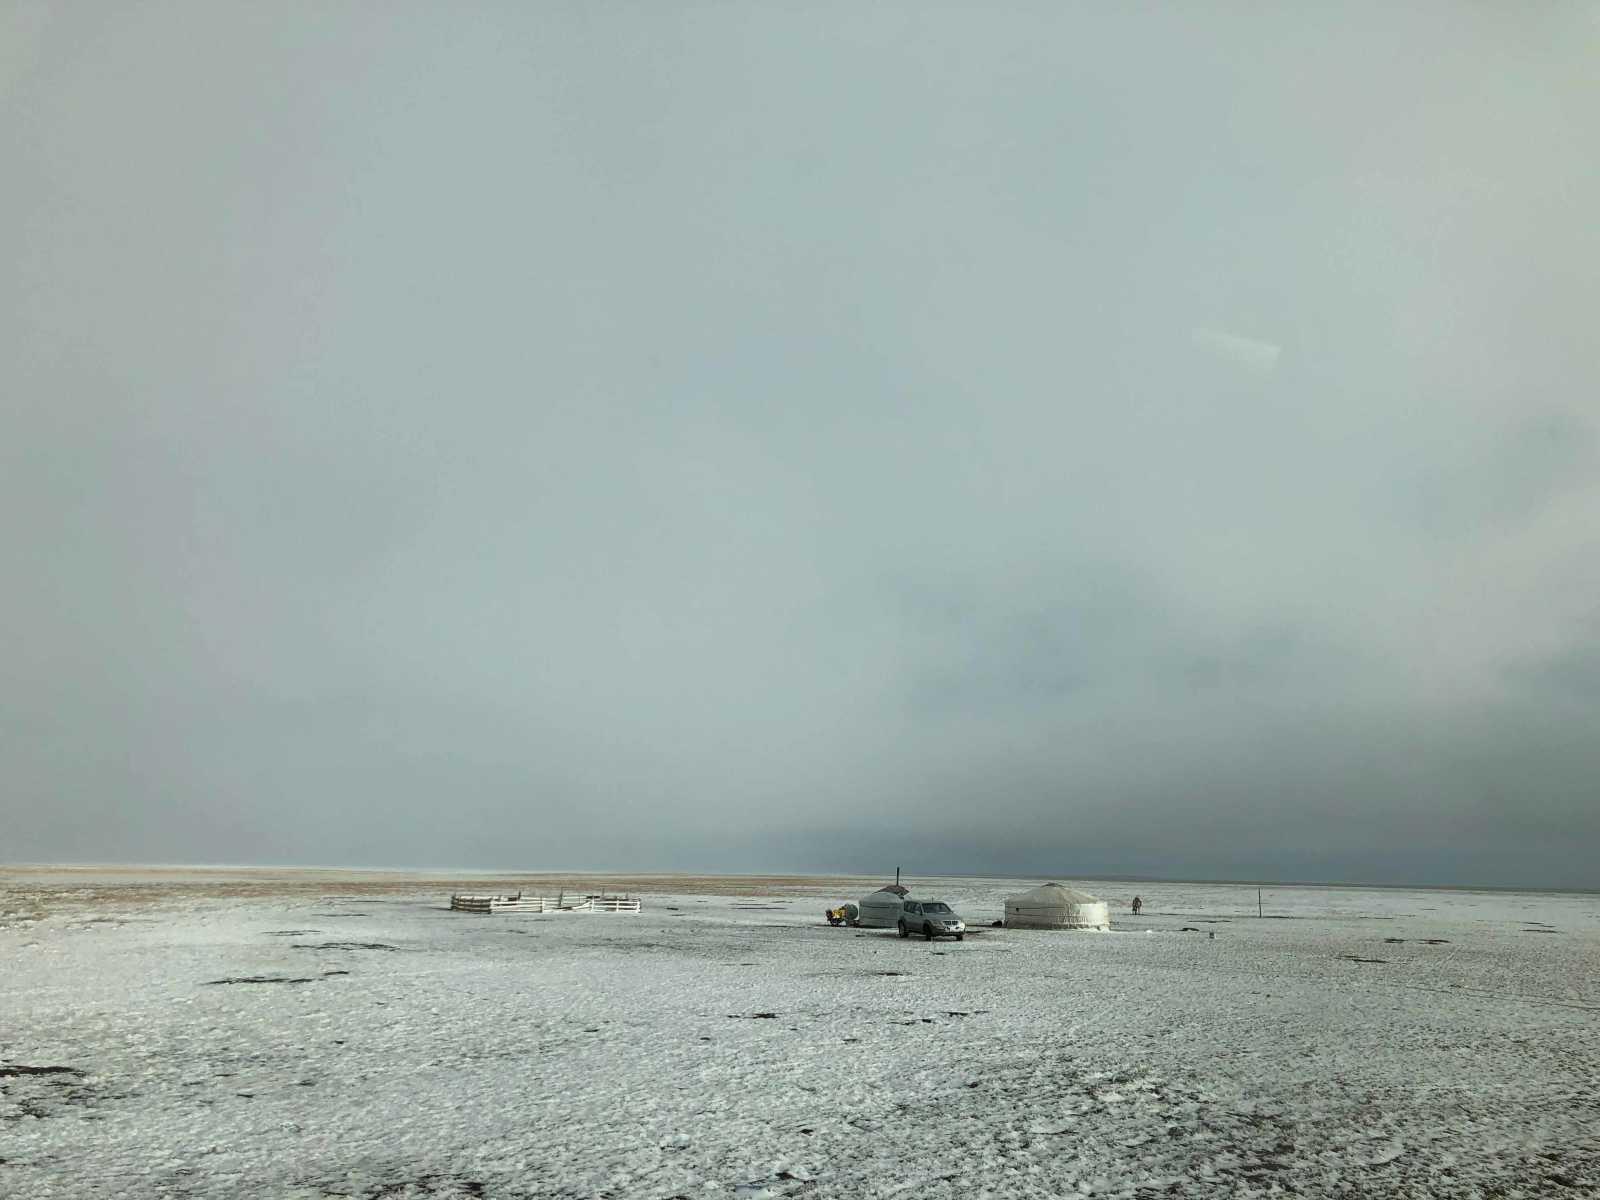 Freezing temperatures in Gobi